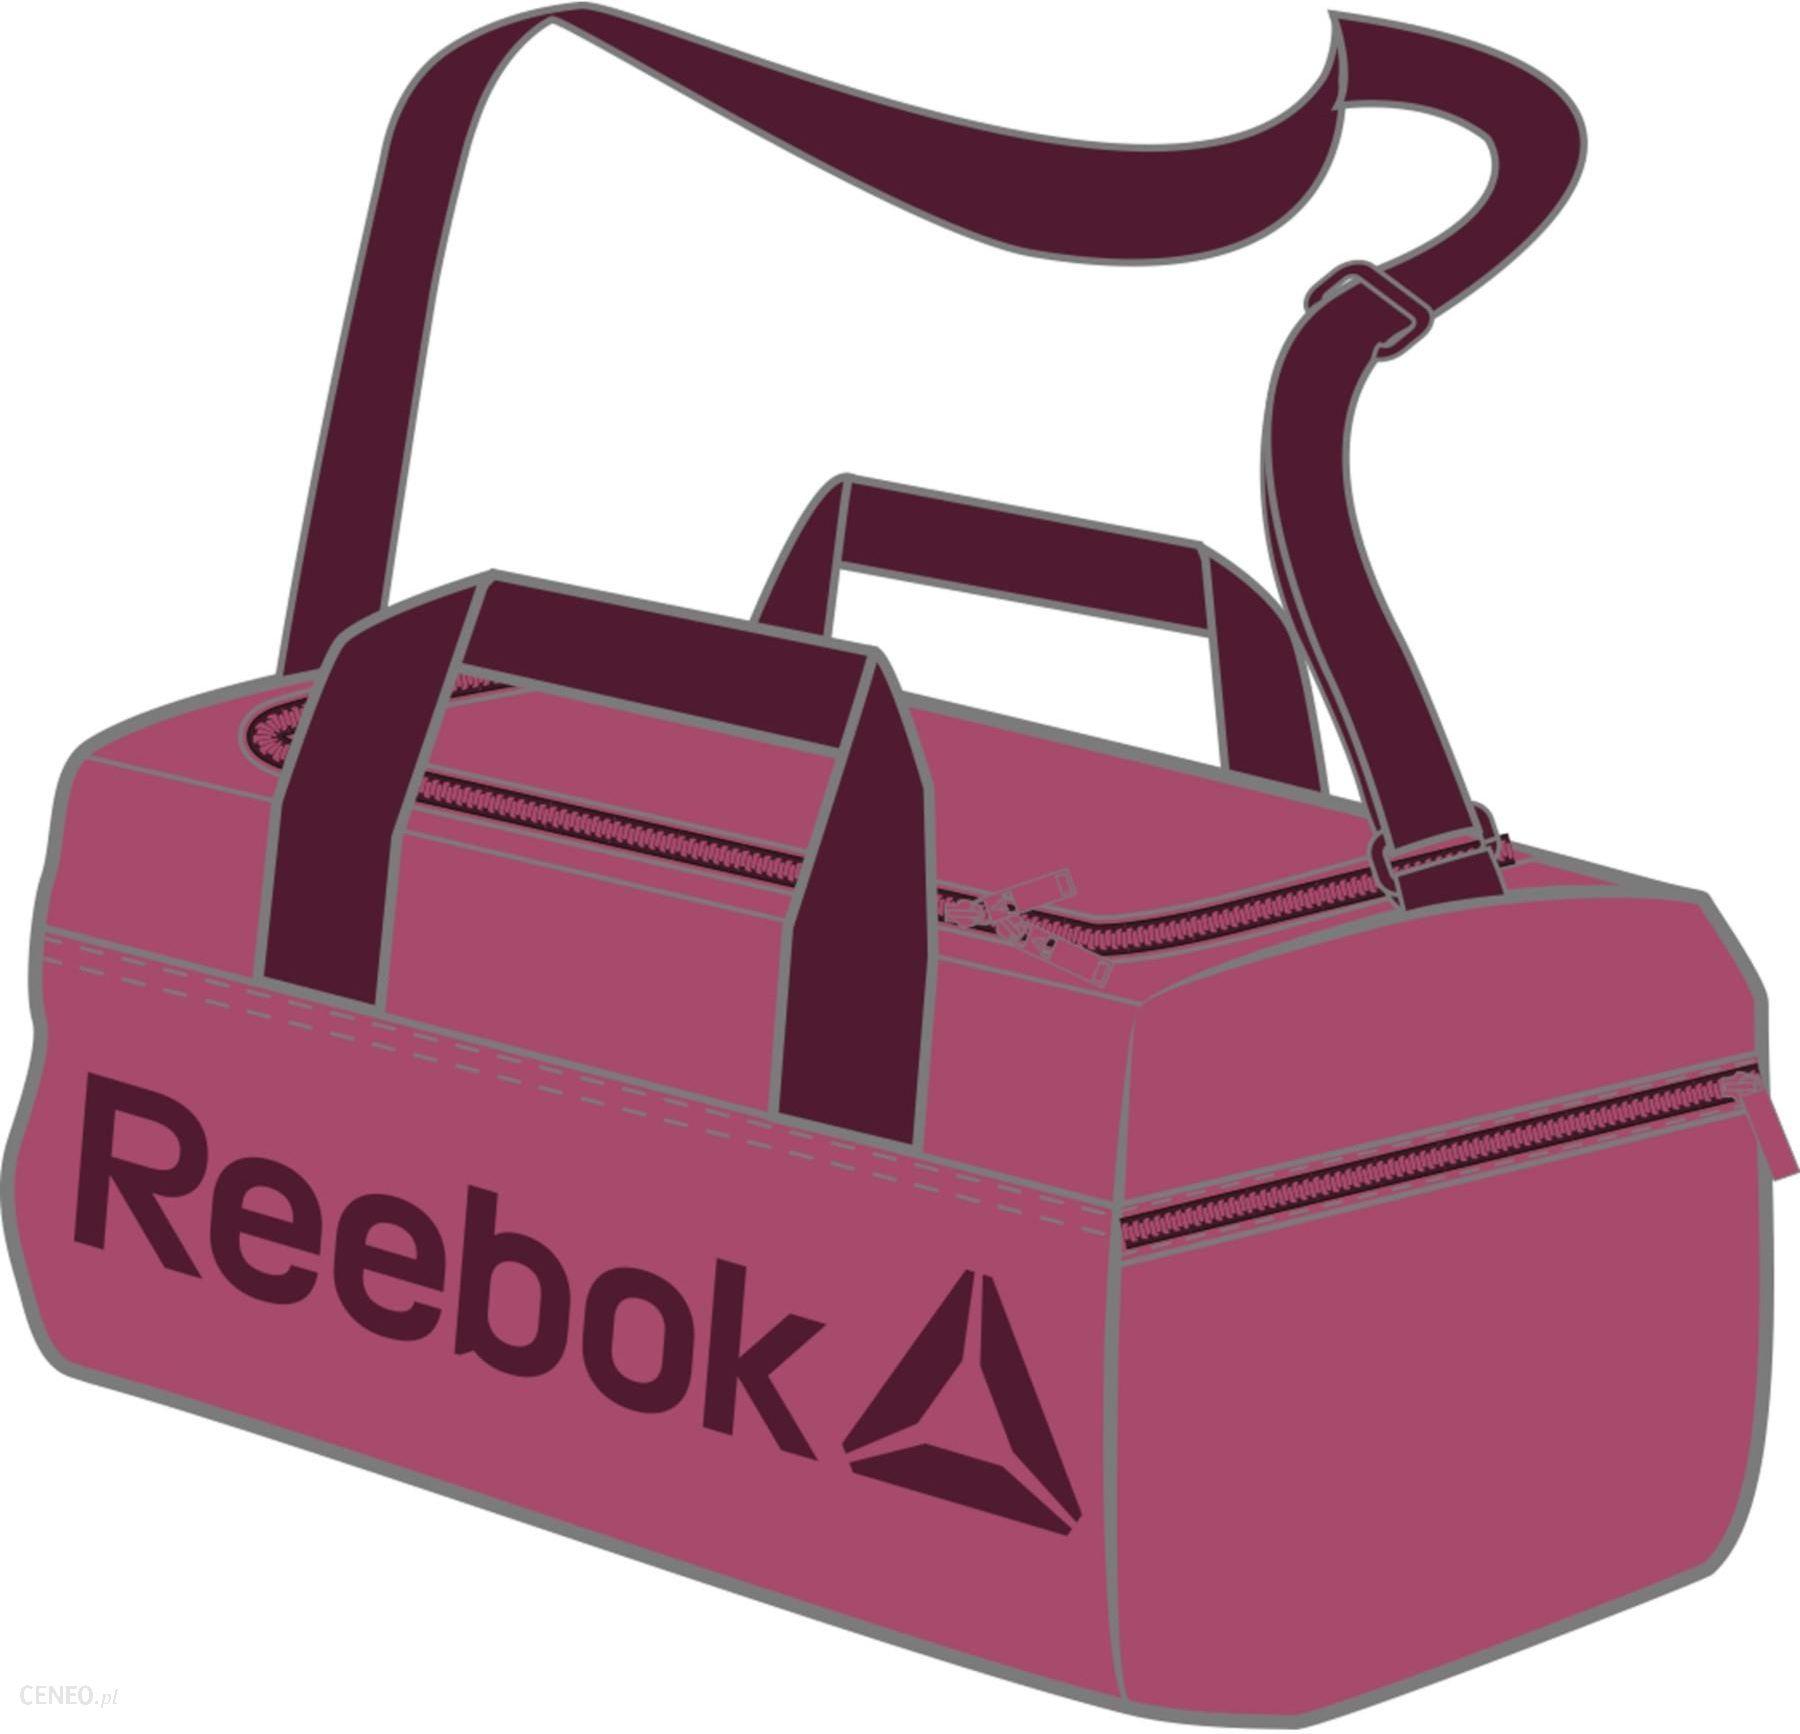 7e7f4a5b8c135 Torba Sportowa Reebok Act Core S DN1530 - Ceny i opinie - Ceneo.pl